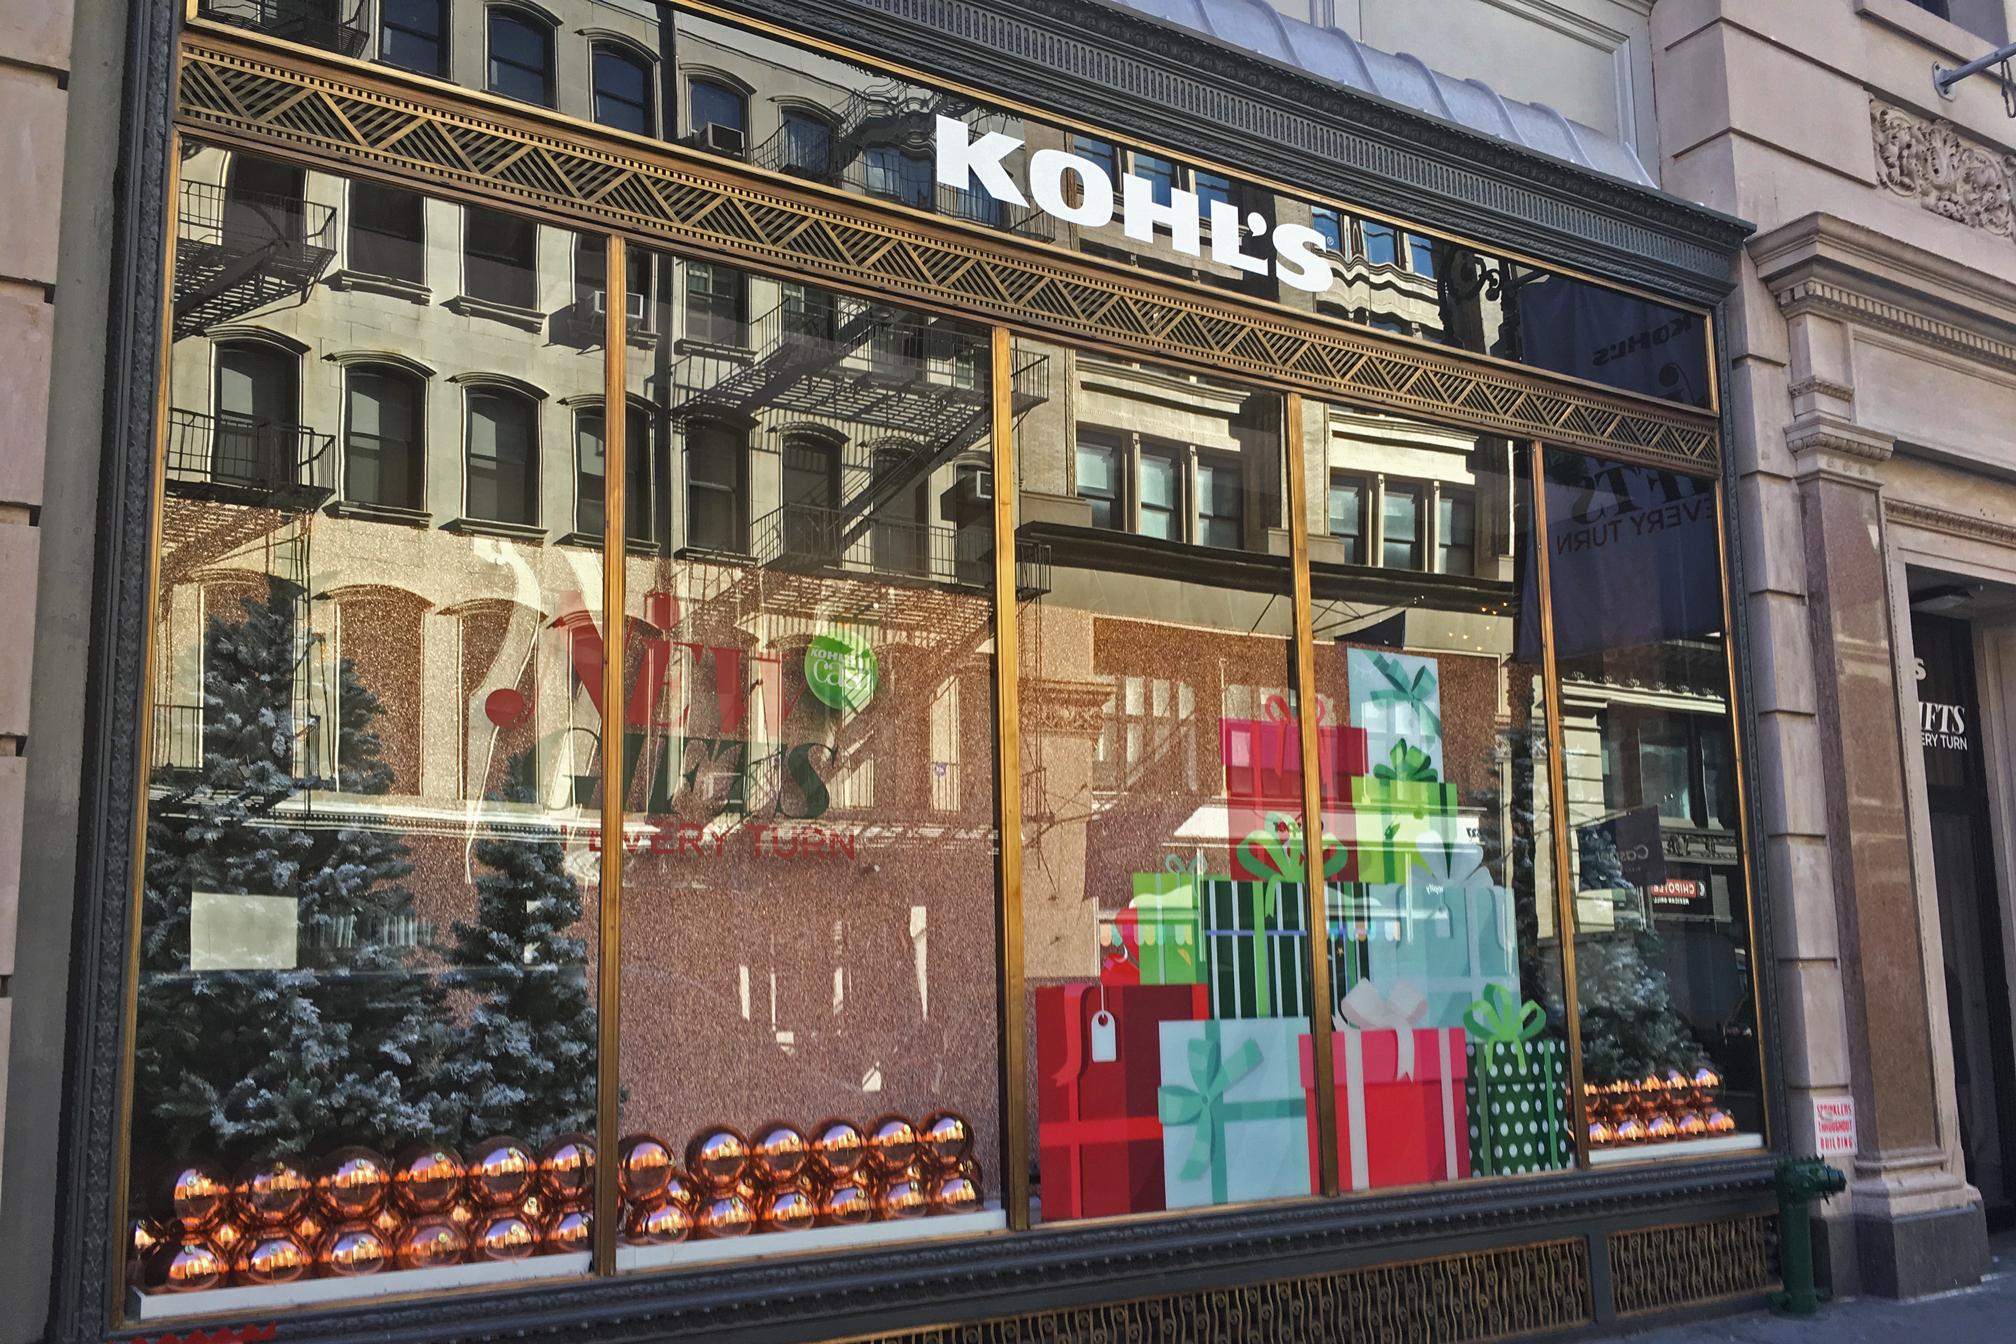 Kohl's calls on AI to help power through holiday season